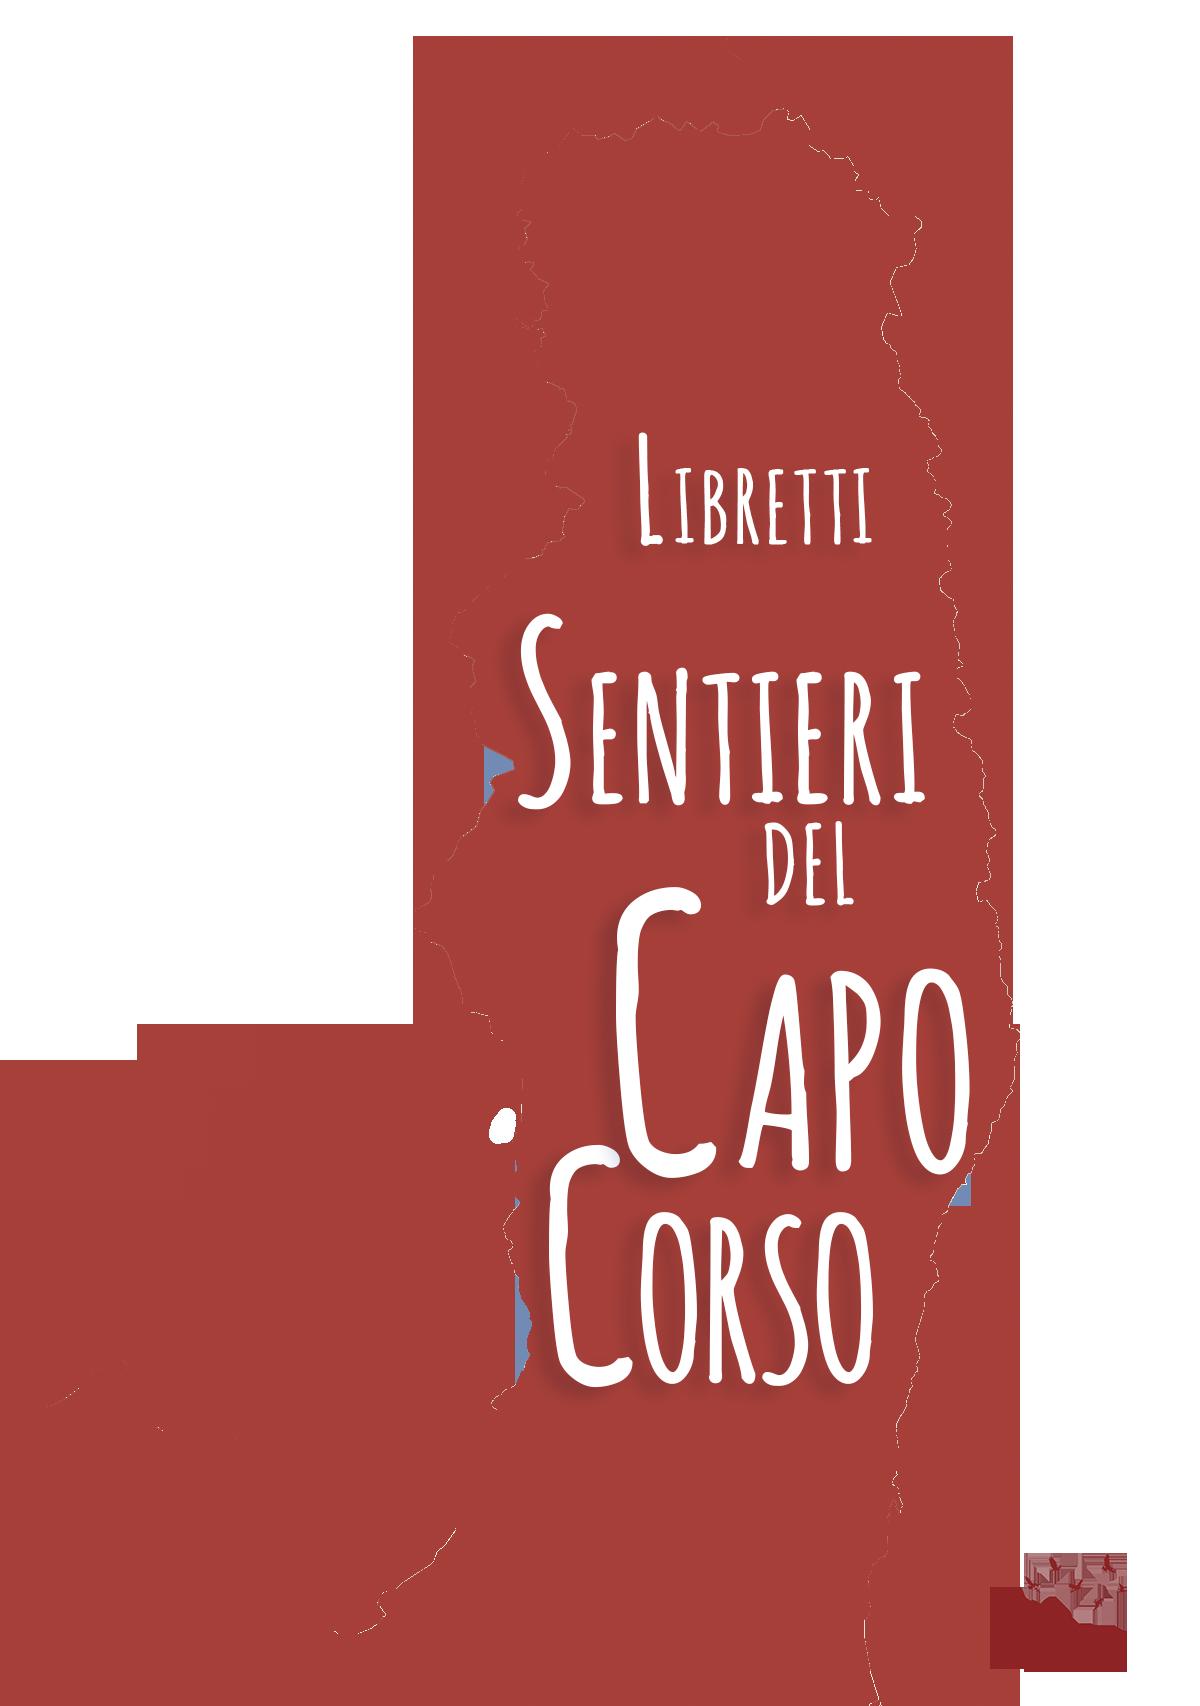 Libretti sui sentieri del Capo Corso